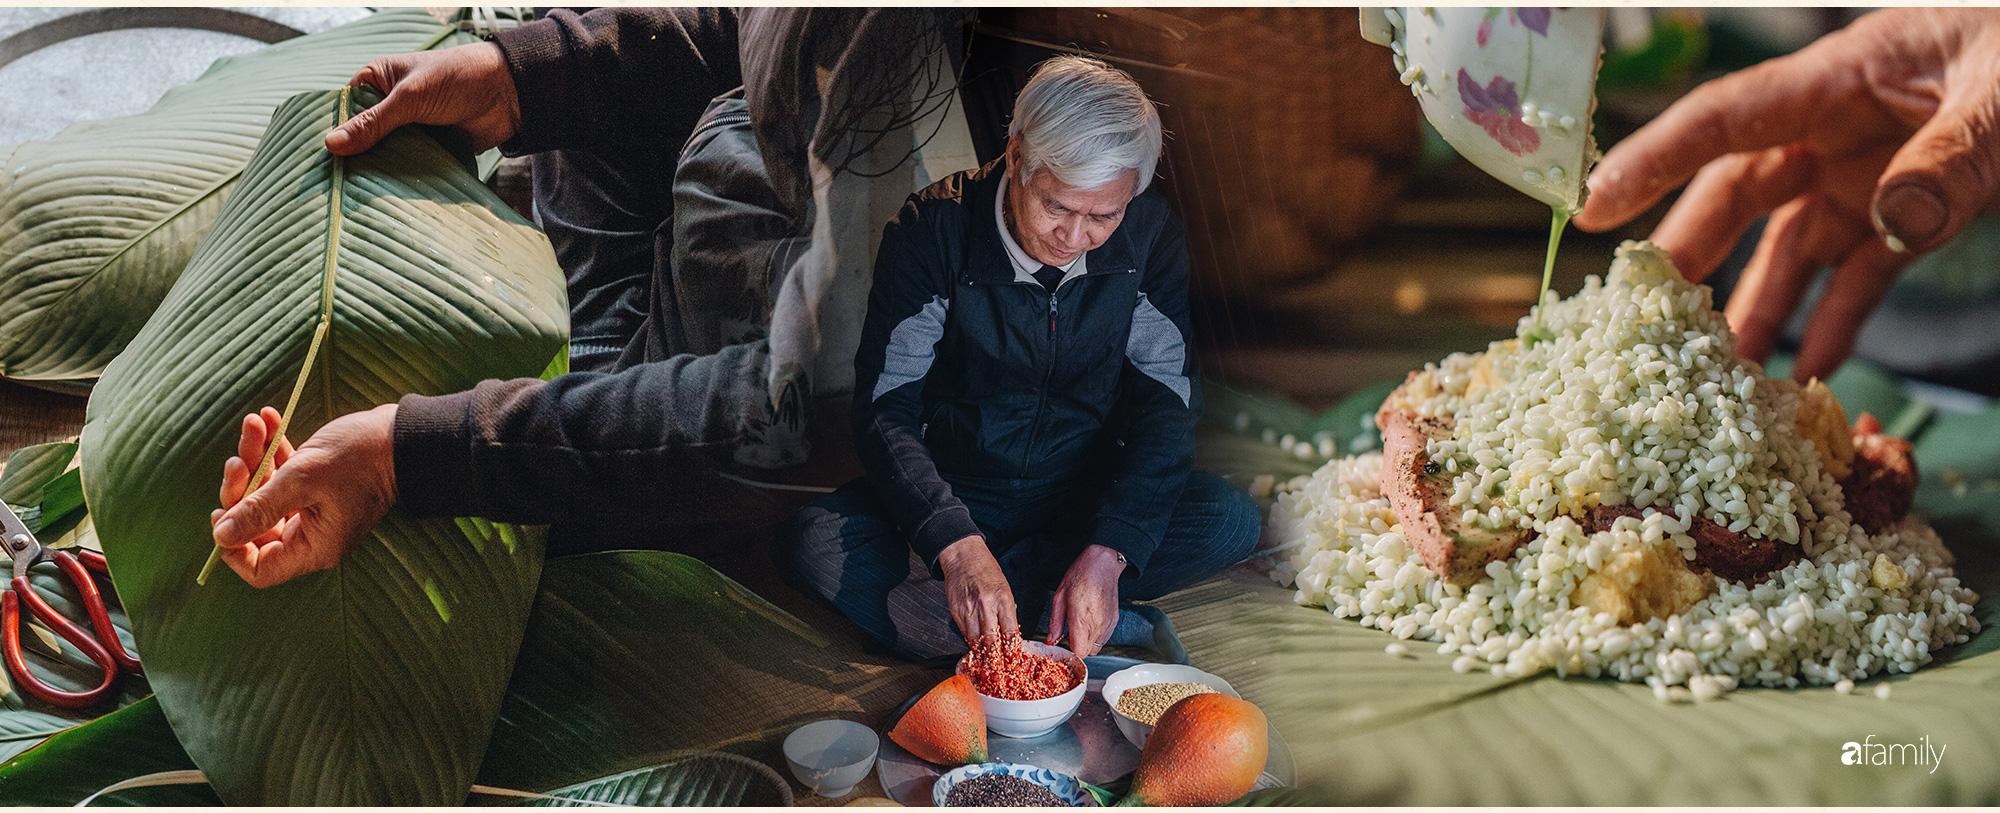 Bánh chưng, bánh tét - tinh hoa nghìn năm lúa nước trên bàn thờ Việt và những biến thể duyên dáng thời hiện đại - Ảnh 21.